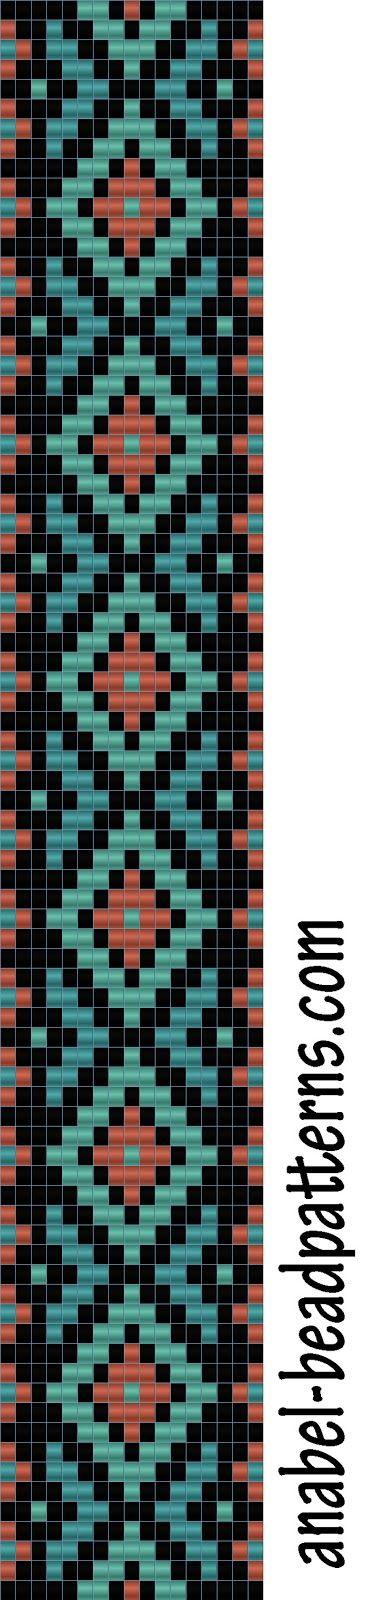 Схема браслета - ткачество - bead loom pattern - bracelet | -Схемы для бисероплетения-